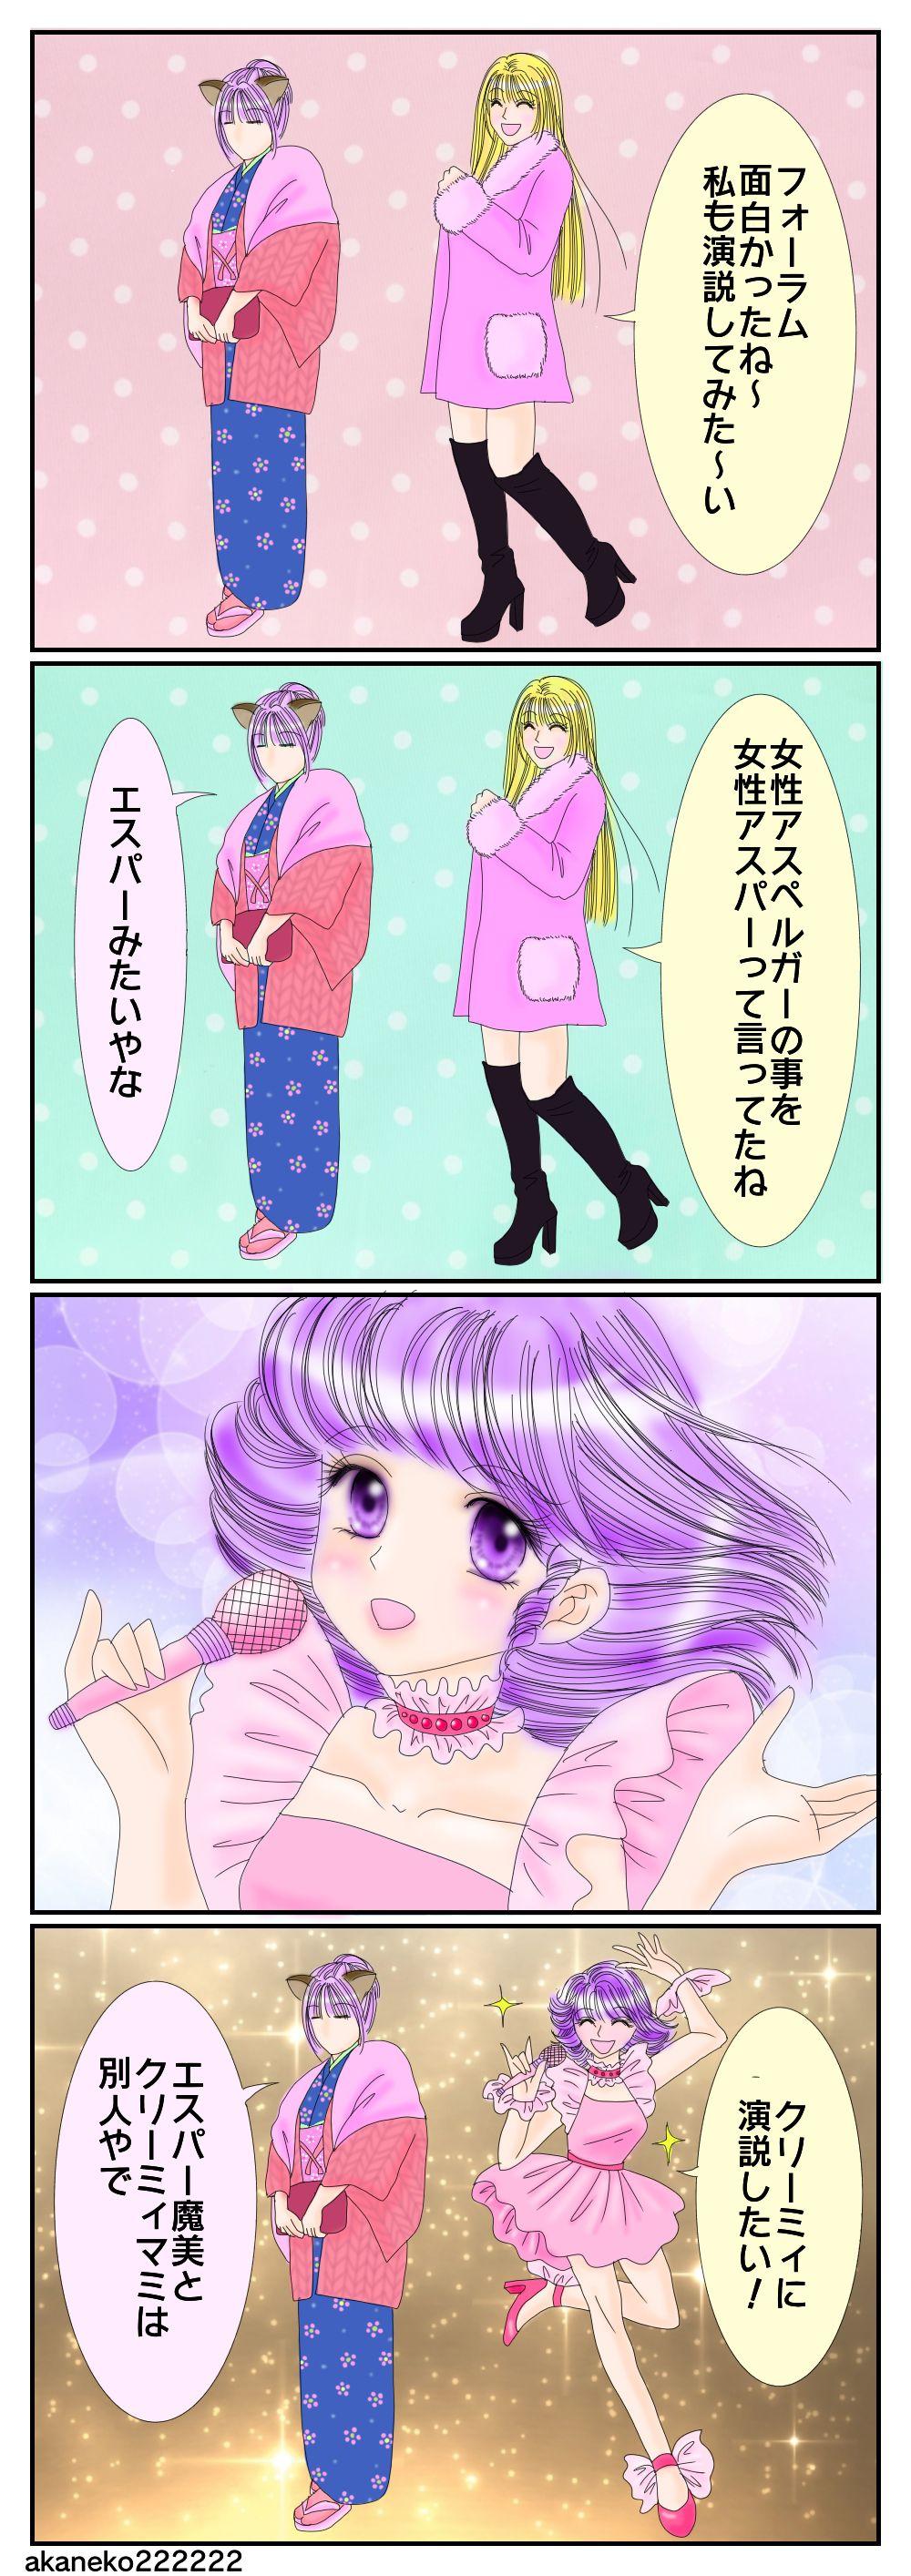 エスパー魔美とクリーミーマミについての四コマ漫画